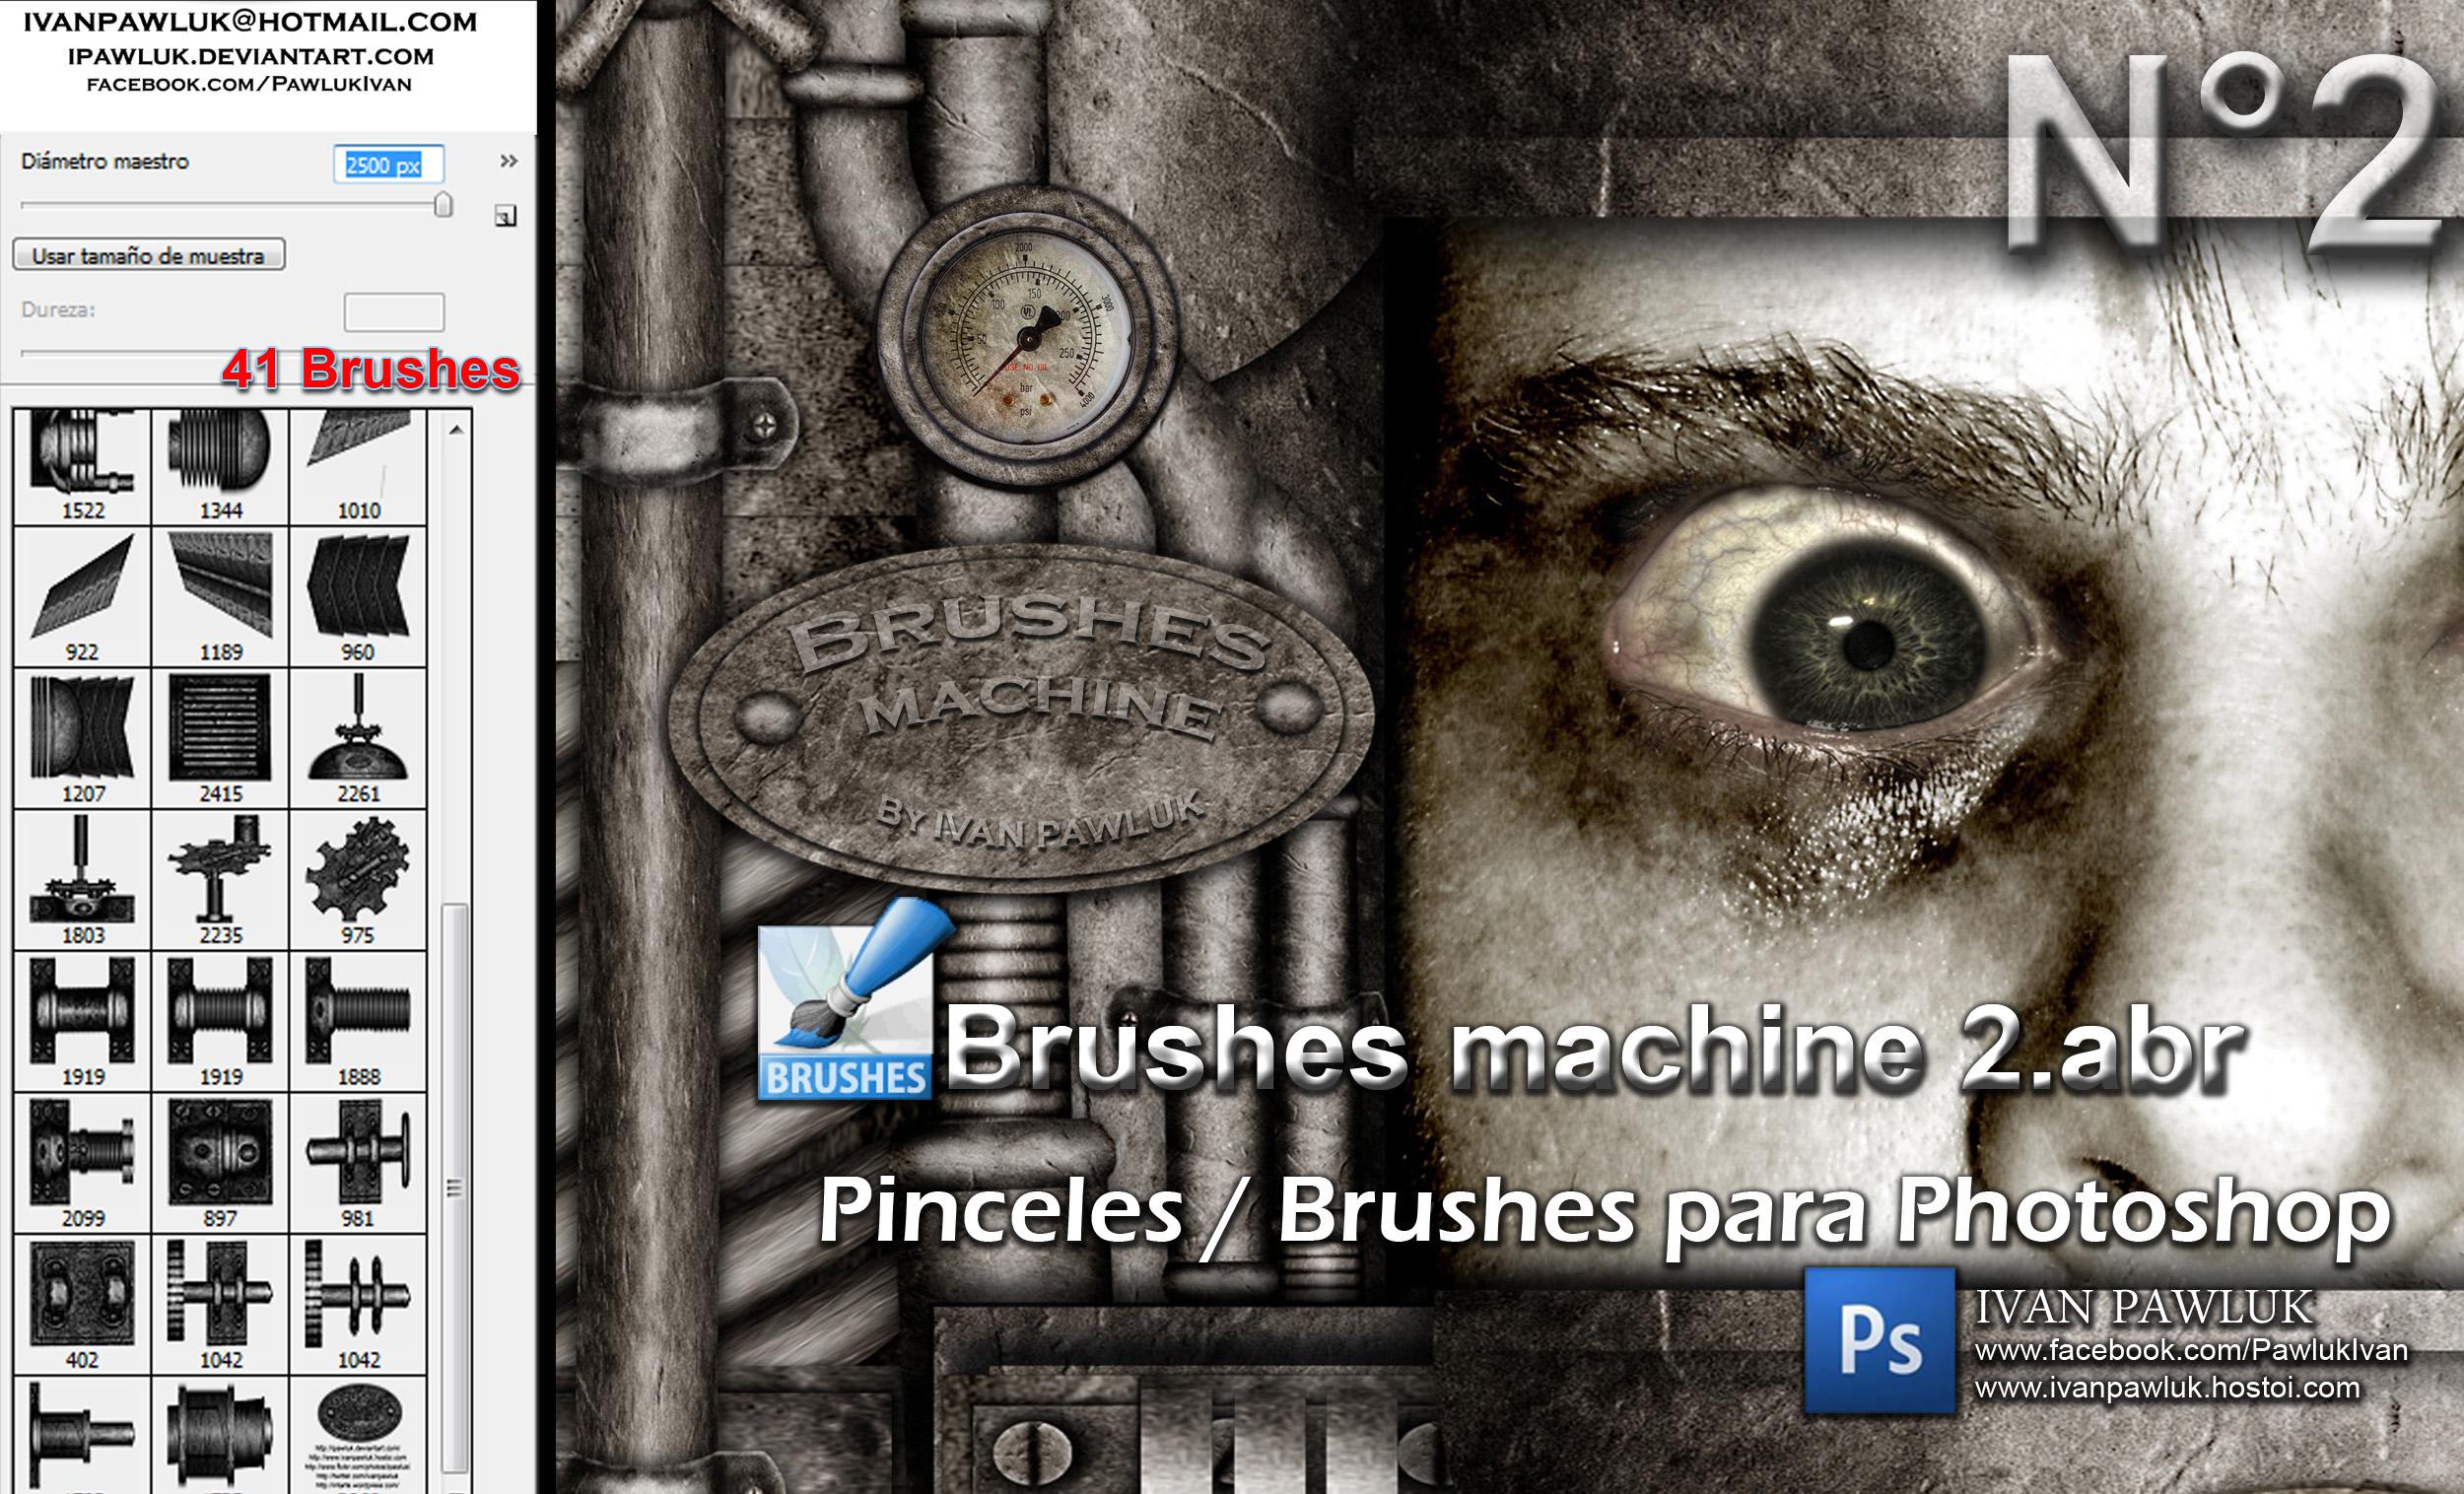 Brushes machine 2 - PAWLUK